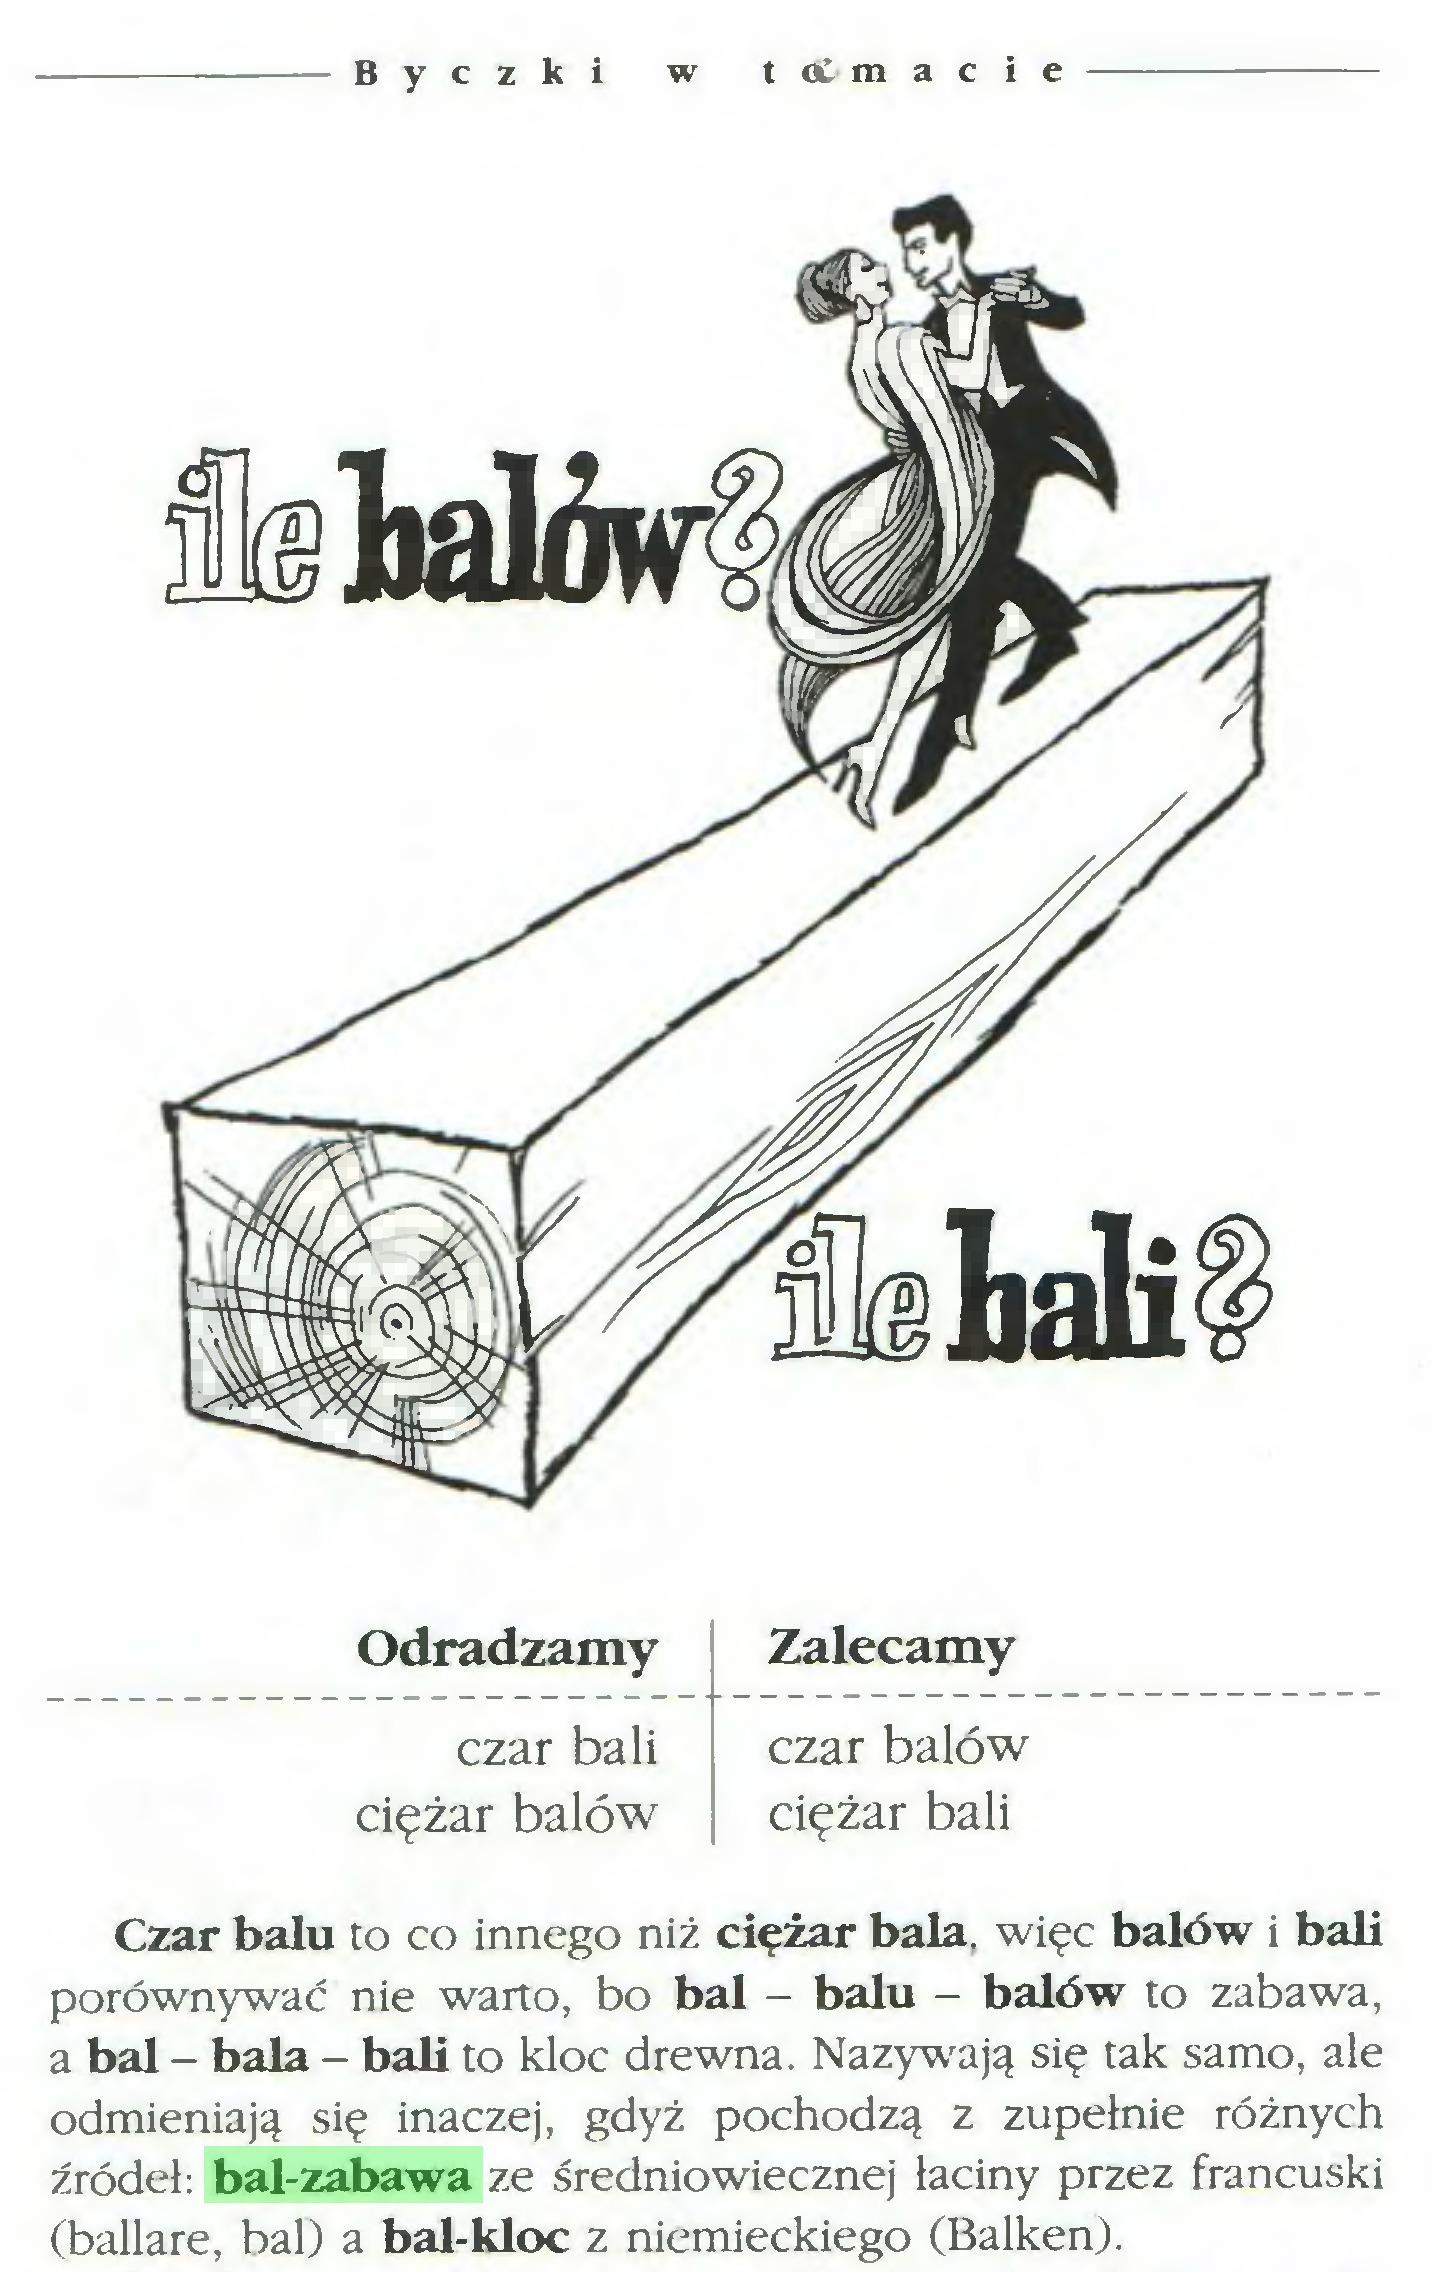 (...) Byczki w t Ol m a c i e Odradzamy Zalecamy czar bali czar balów ciężar balów ciężar bali Czar balu to co innego niż ciężar bała, więc balów i bali porównywać nie warto, bo bal - balu - balów to zabawa, a bal - bała - bali to kloc drewna. Nazywają się tak samo, ale odmieniają się inaczej, gdyż pochodzą z zupełnie różnych źródeł: bal-zabawa ze średniowiecznej łaciny przez francuski (ballare, bal) a bal-kloc z niemieckiego (Balken)...